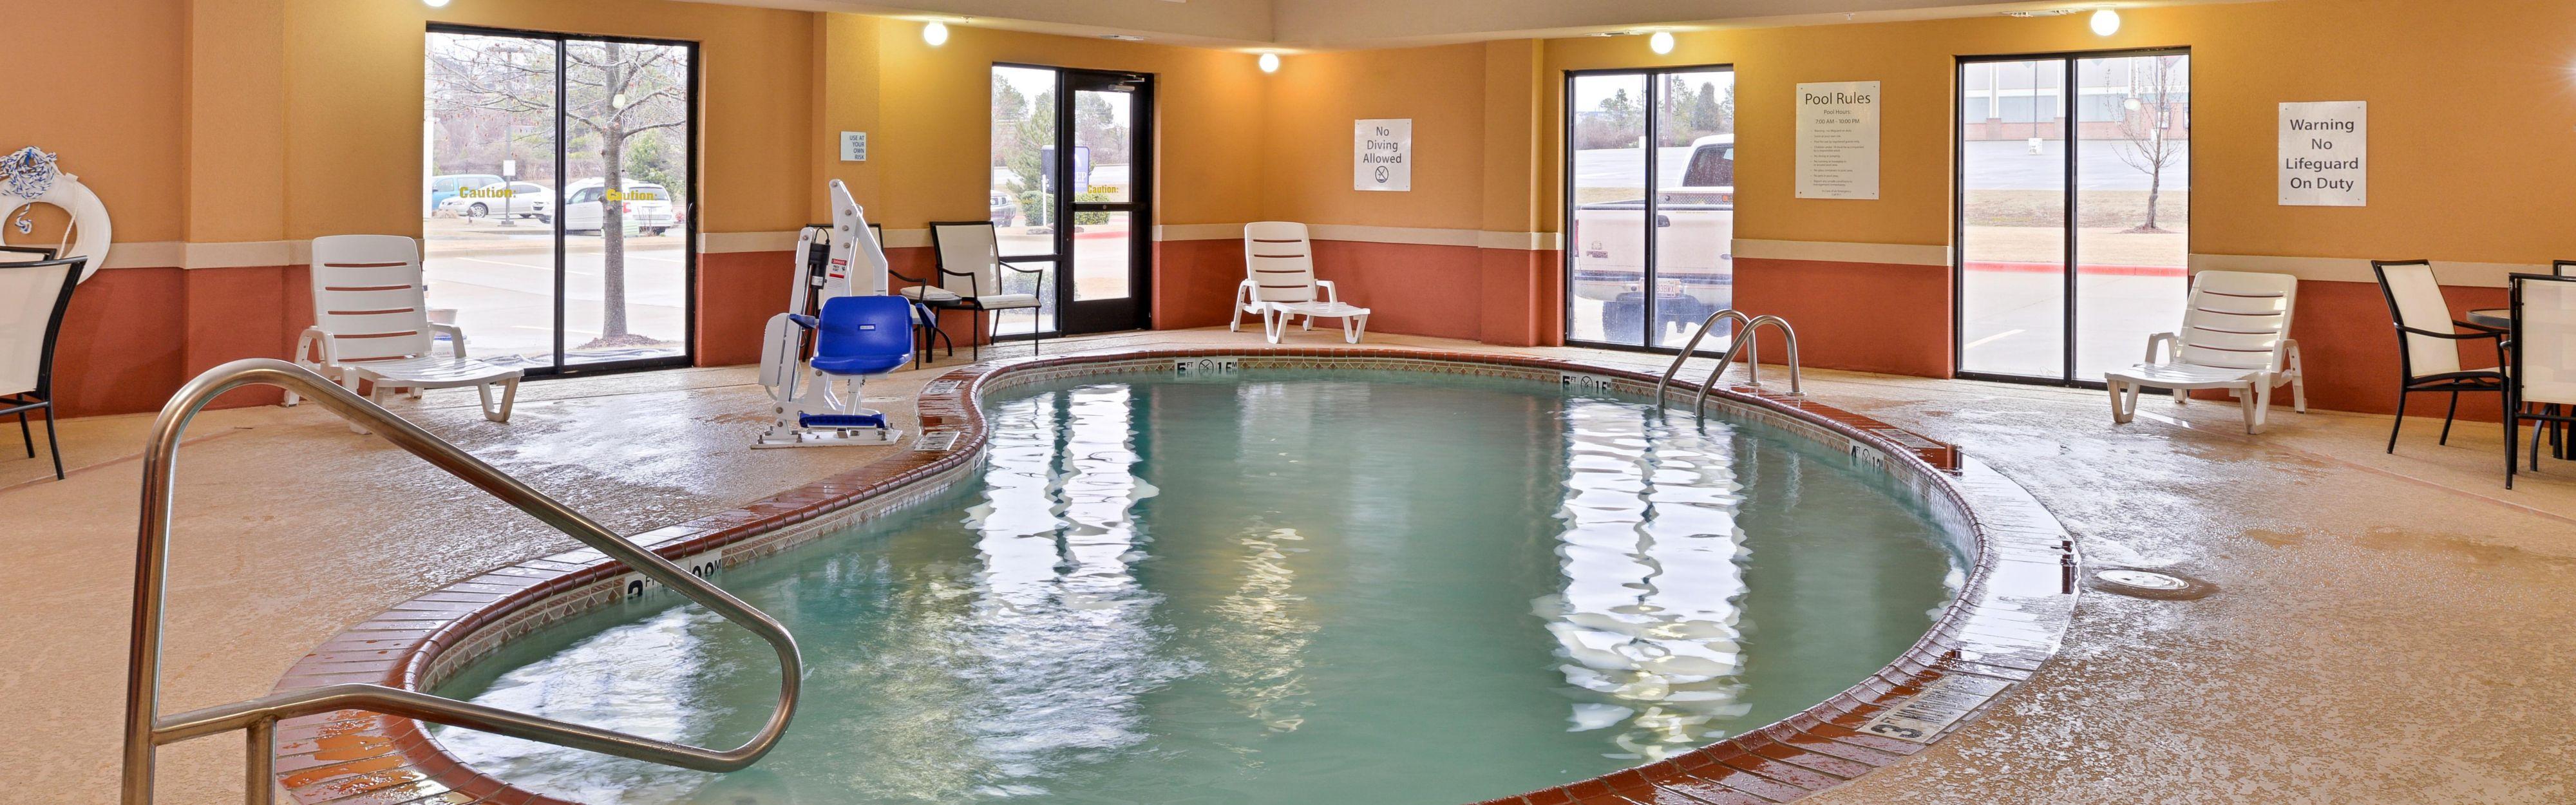 Holiday Inn Express & Suites Van Buren-Ft Smith Area image 2